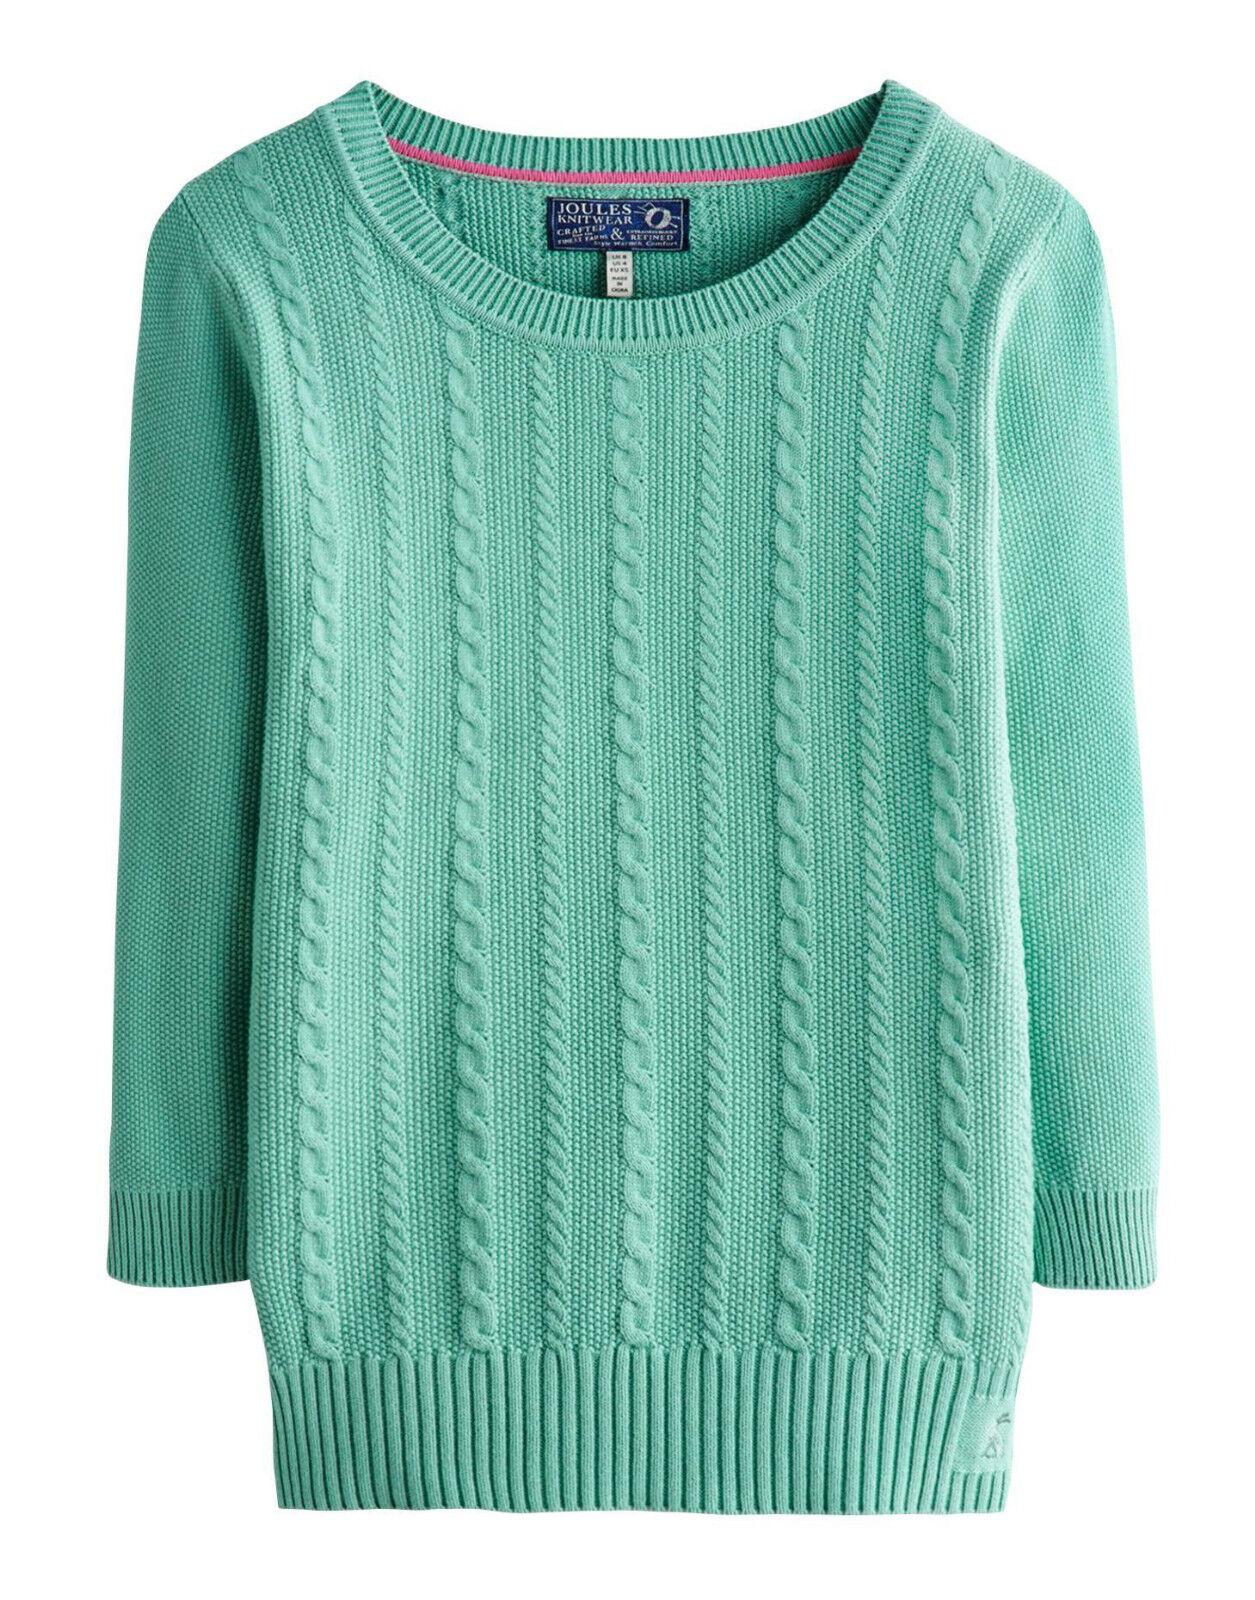 Joules pistache vert en tricot torsadé coton cleo pull bnwt taille 14.